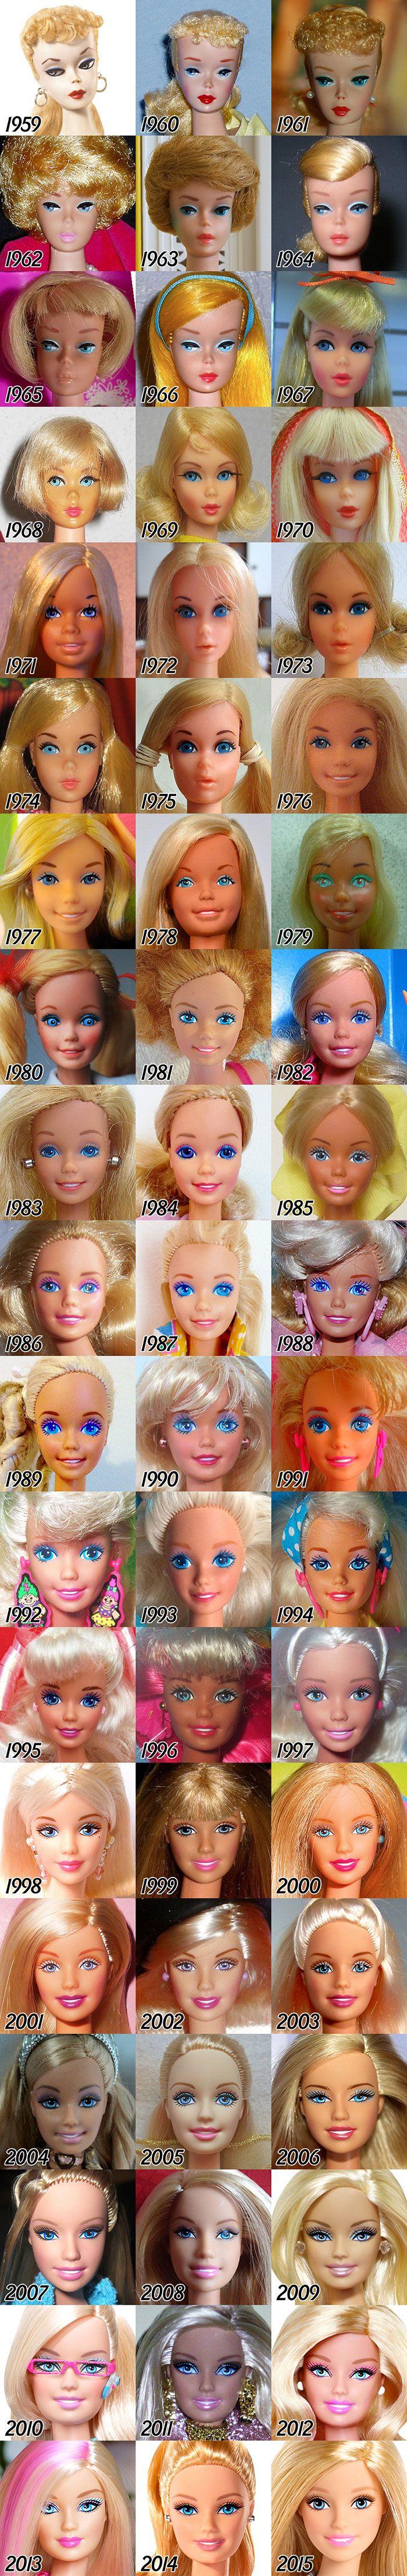 Wie sich Barbie von 1959 bis Heute verändert hat